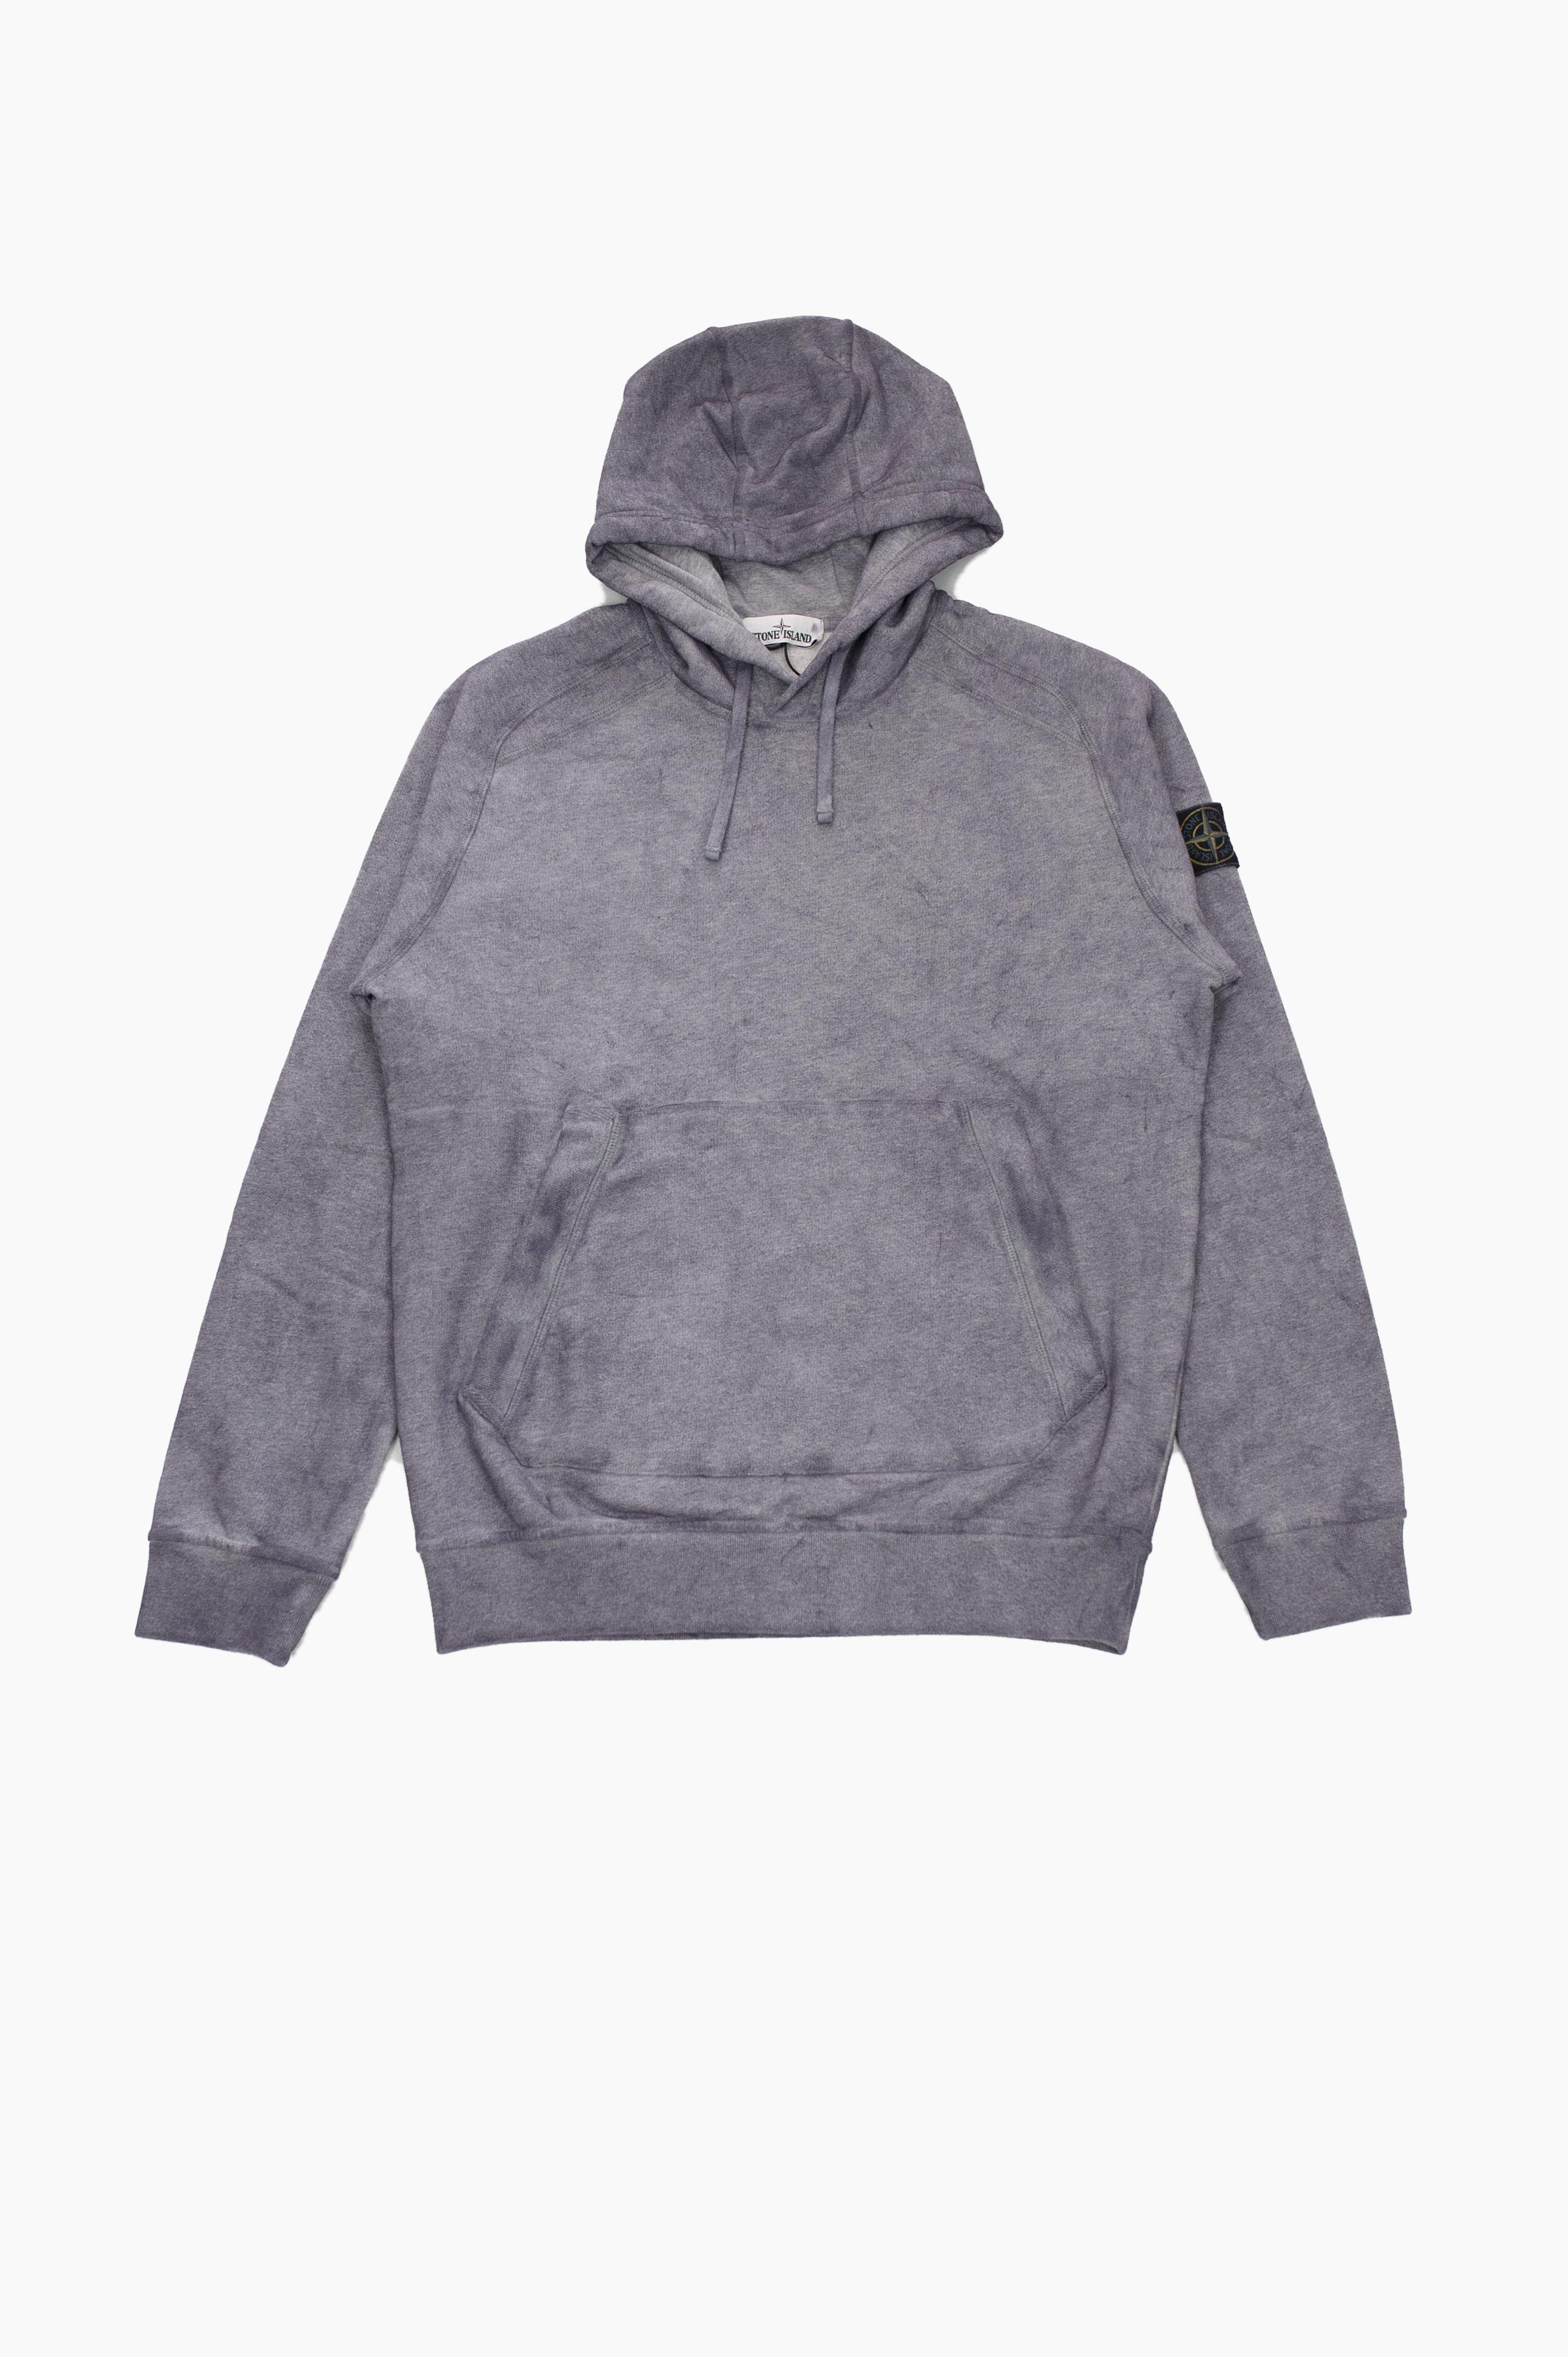 Painted Hoodie Grey